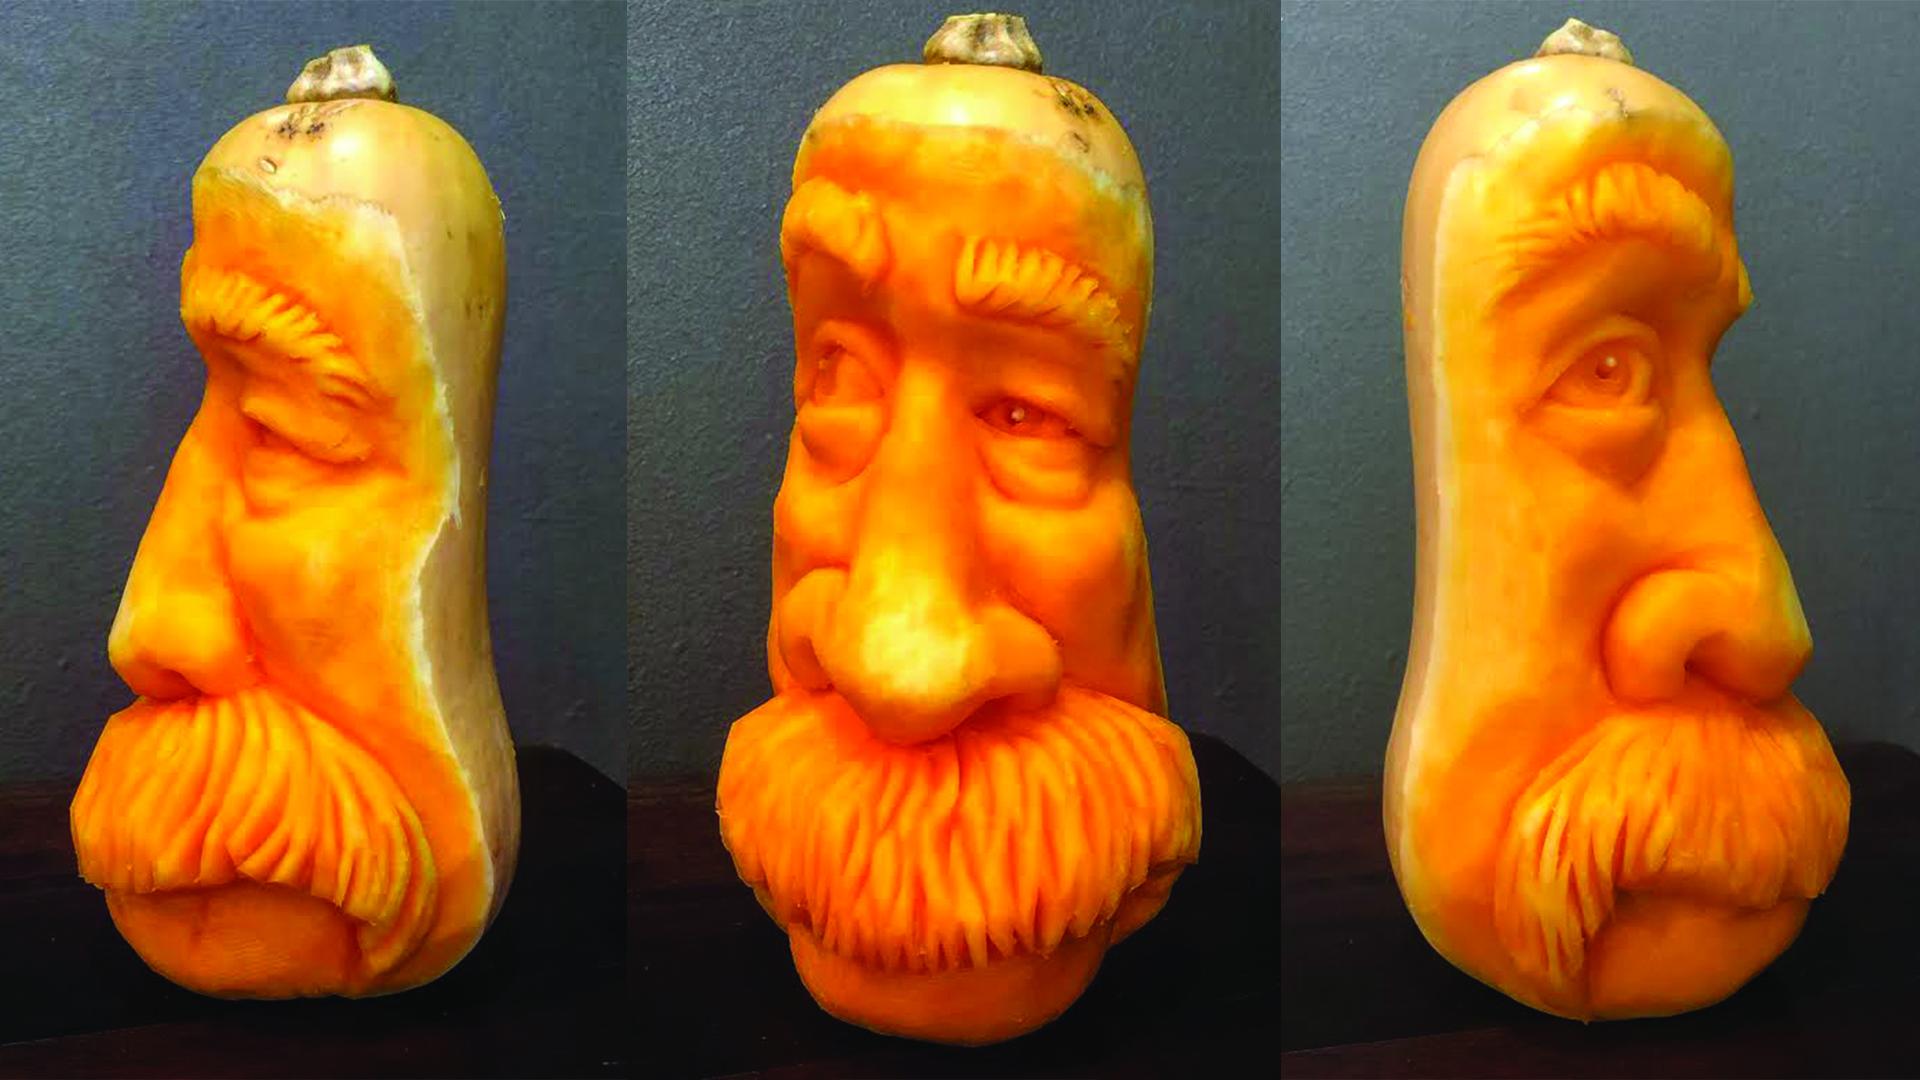 mustachioed butternut